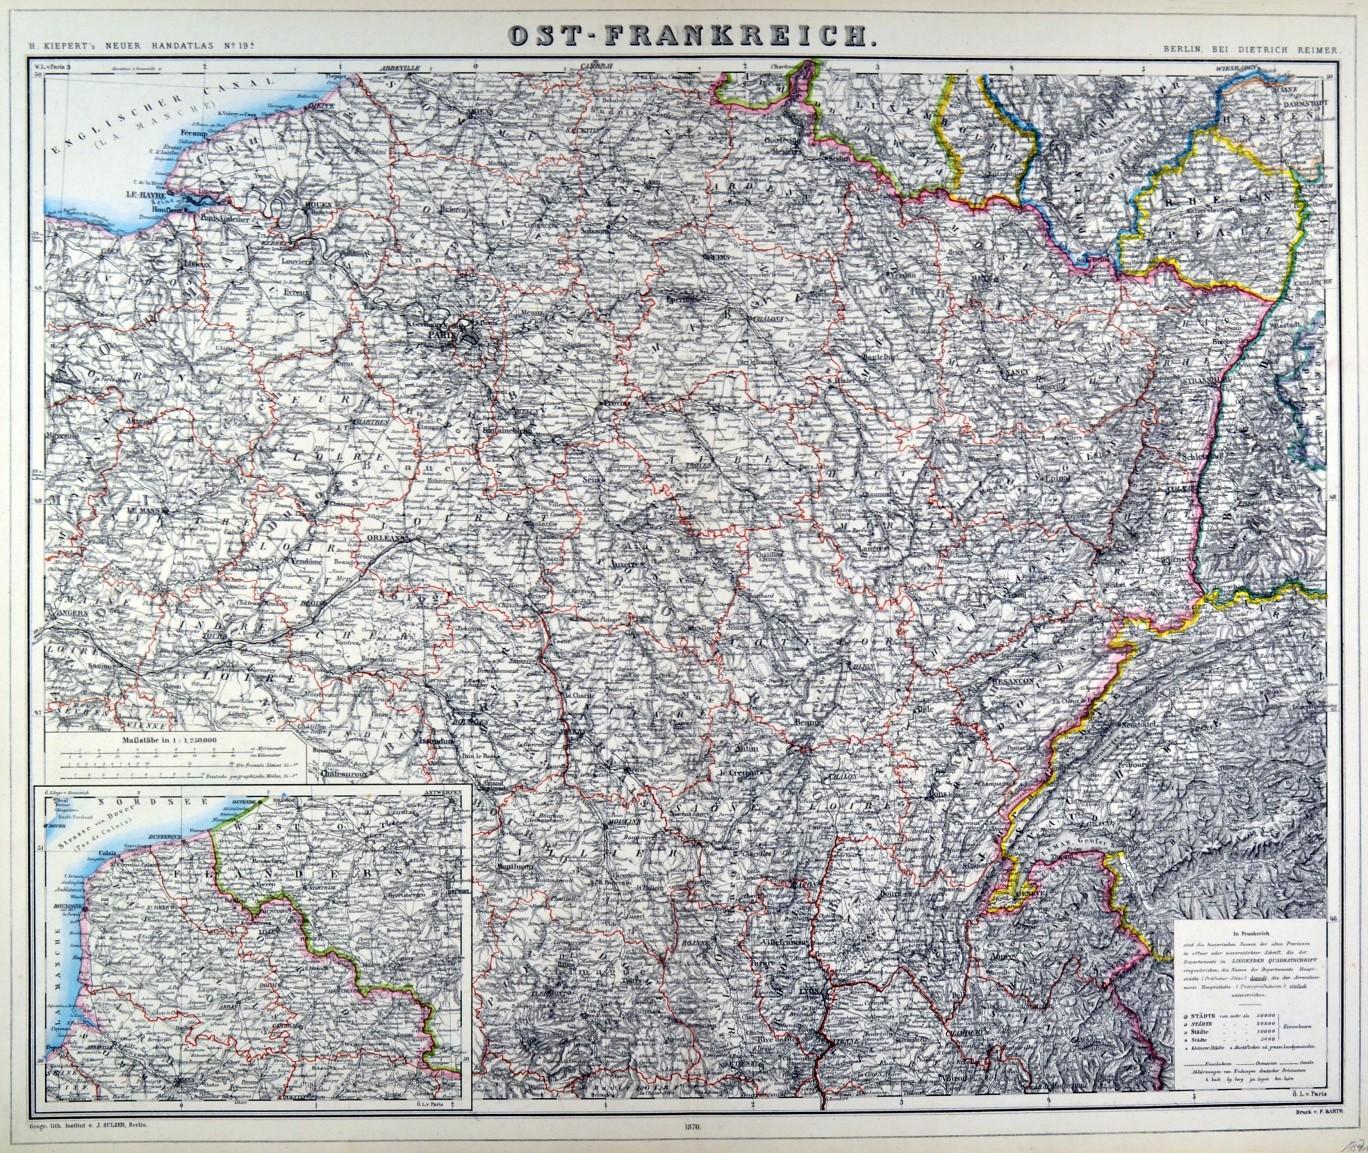 Ostfrankreich